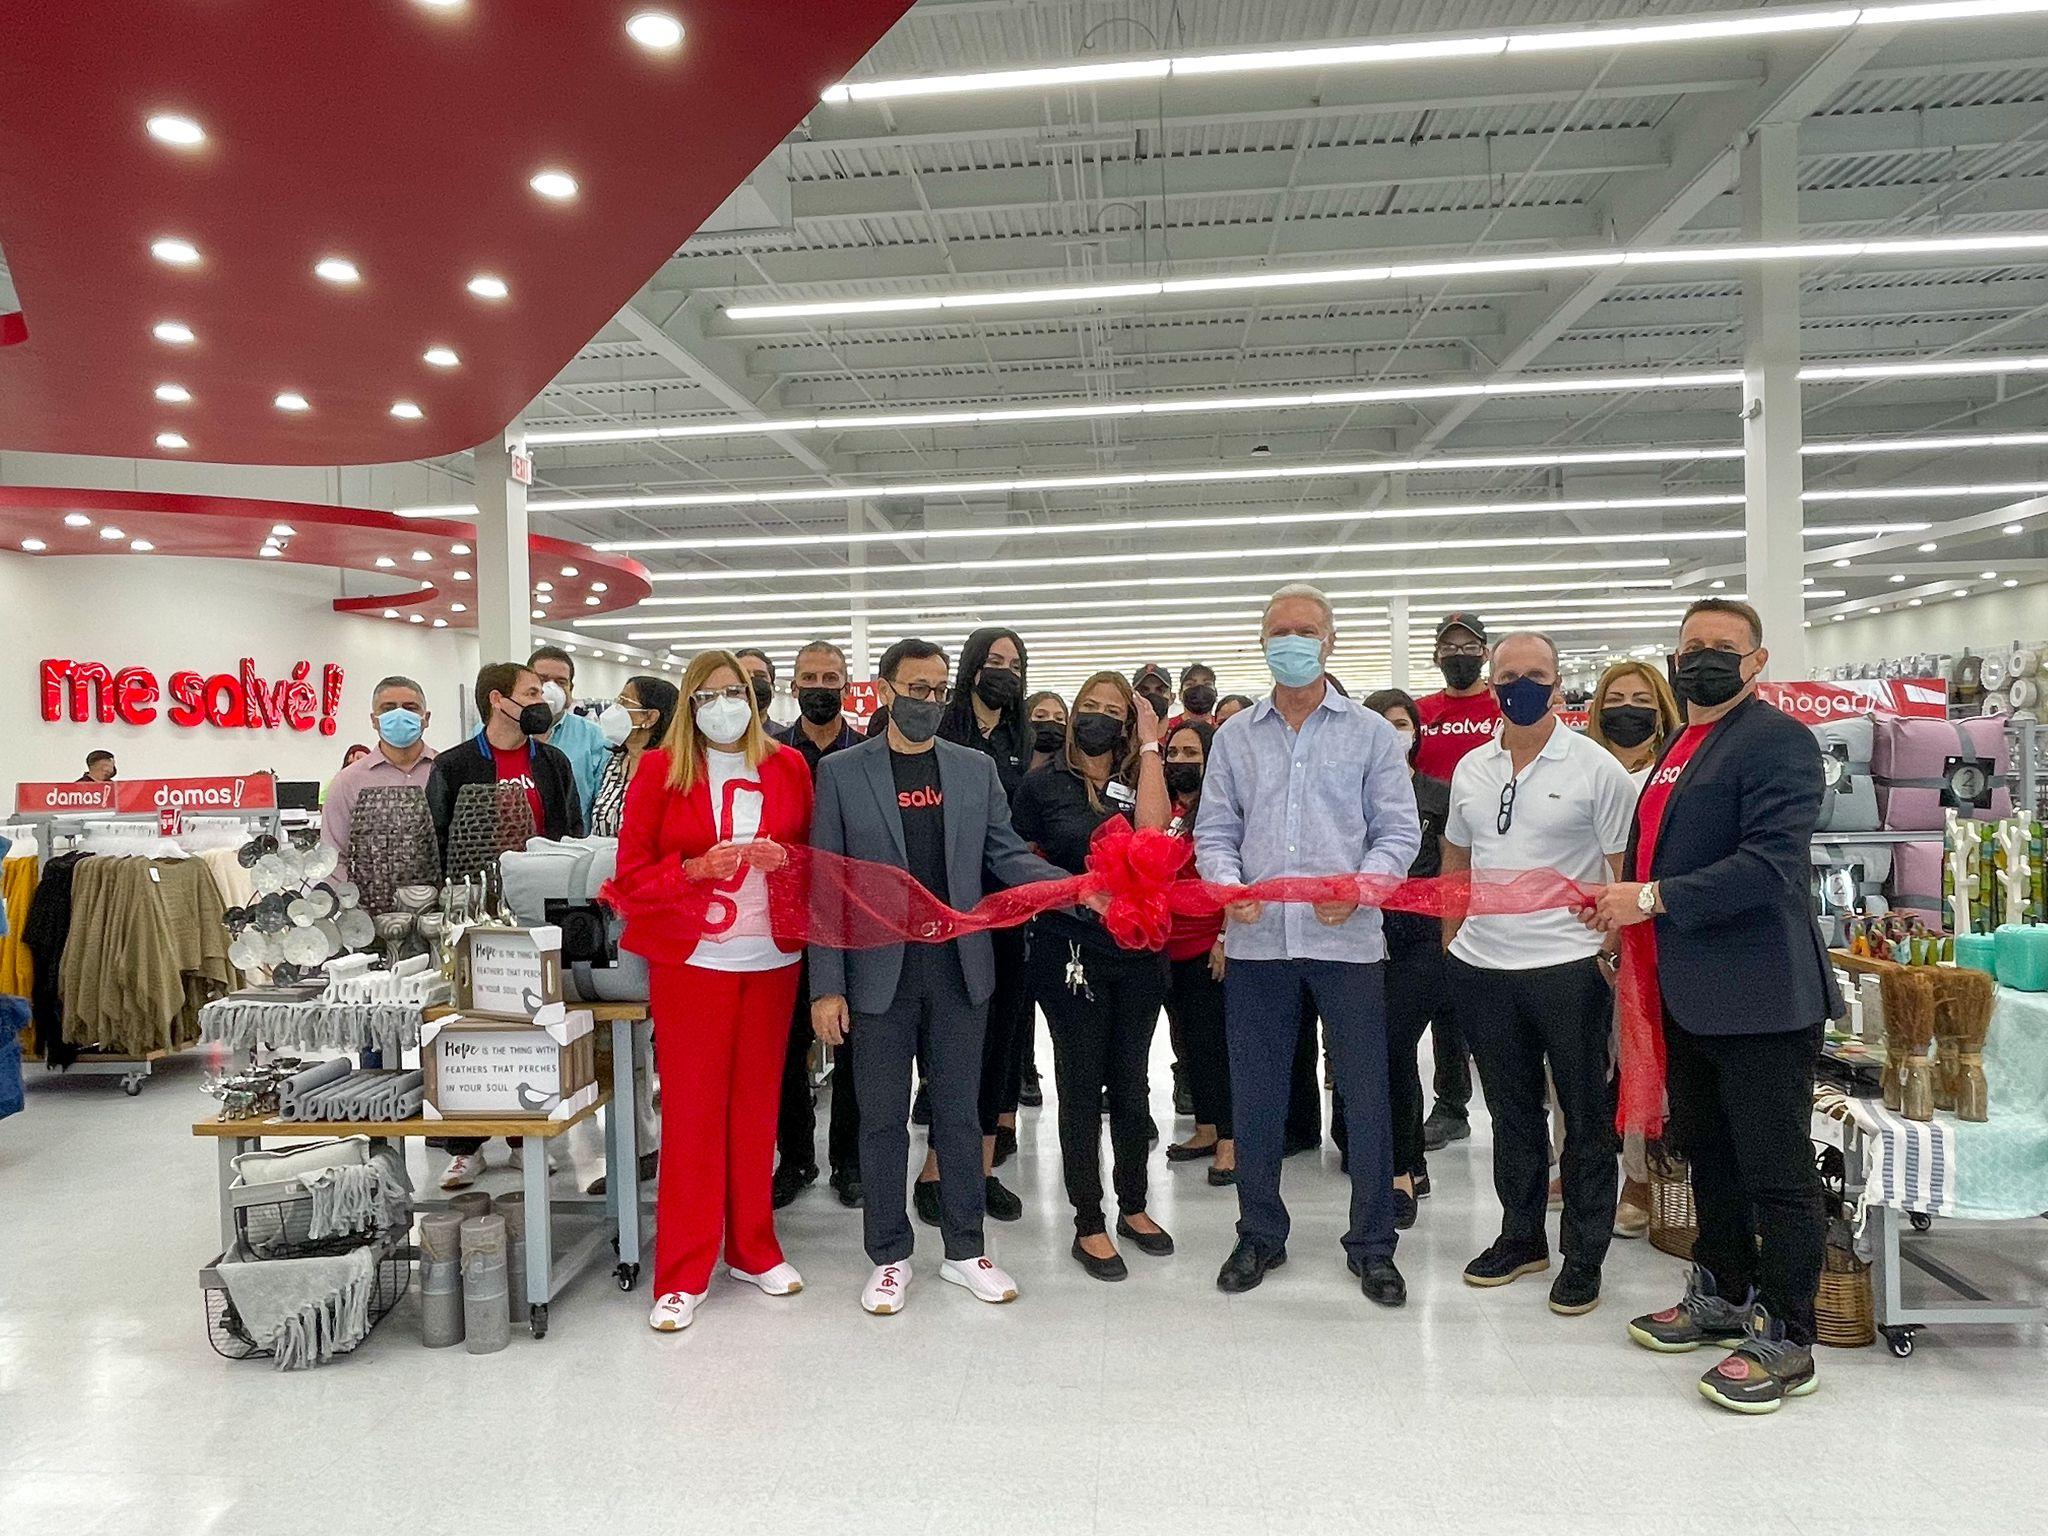 Abre Tienda Me Salvé en el Centro Comercial de Los Filtros en Bayamón